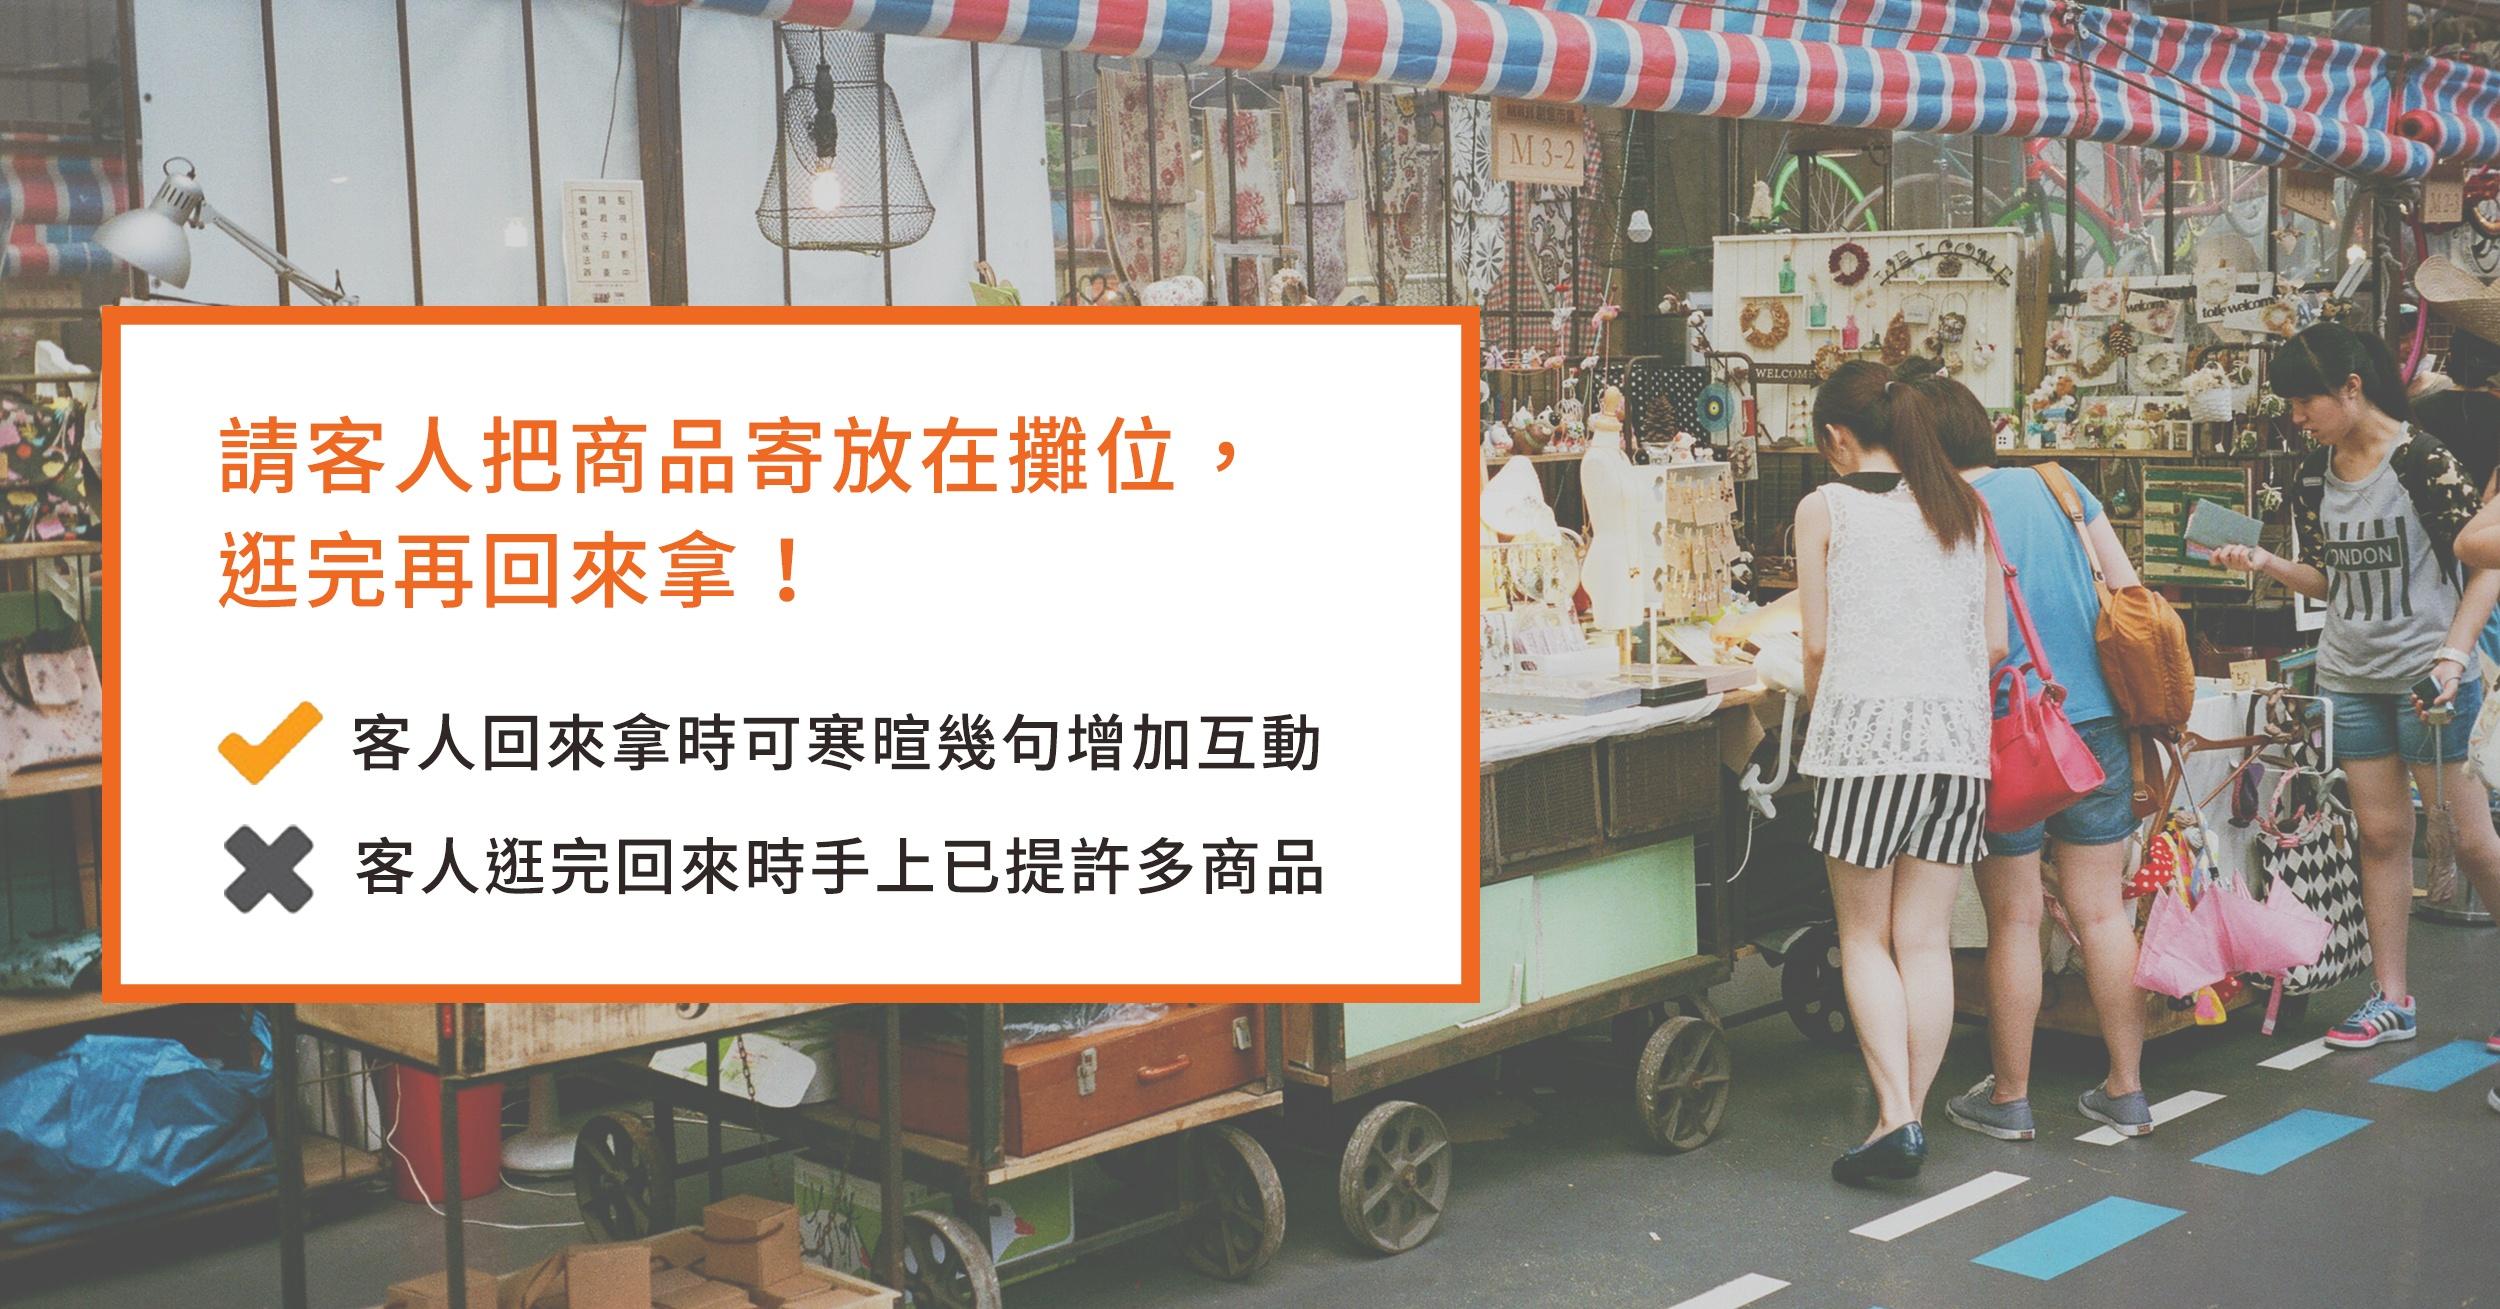 tw_20180112_blog_user_zh_market1.jpg